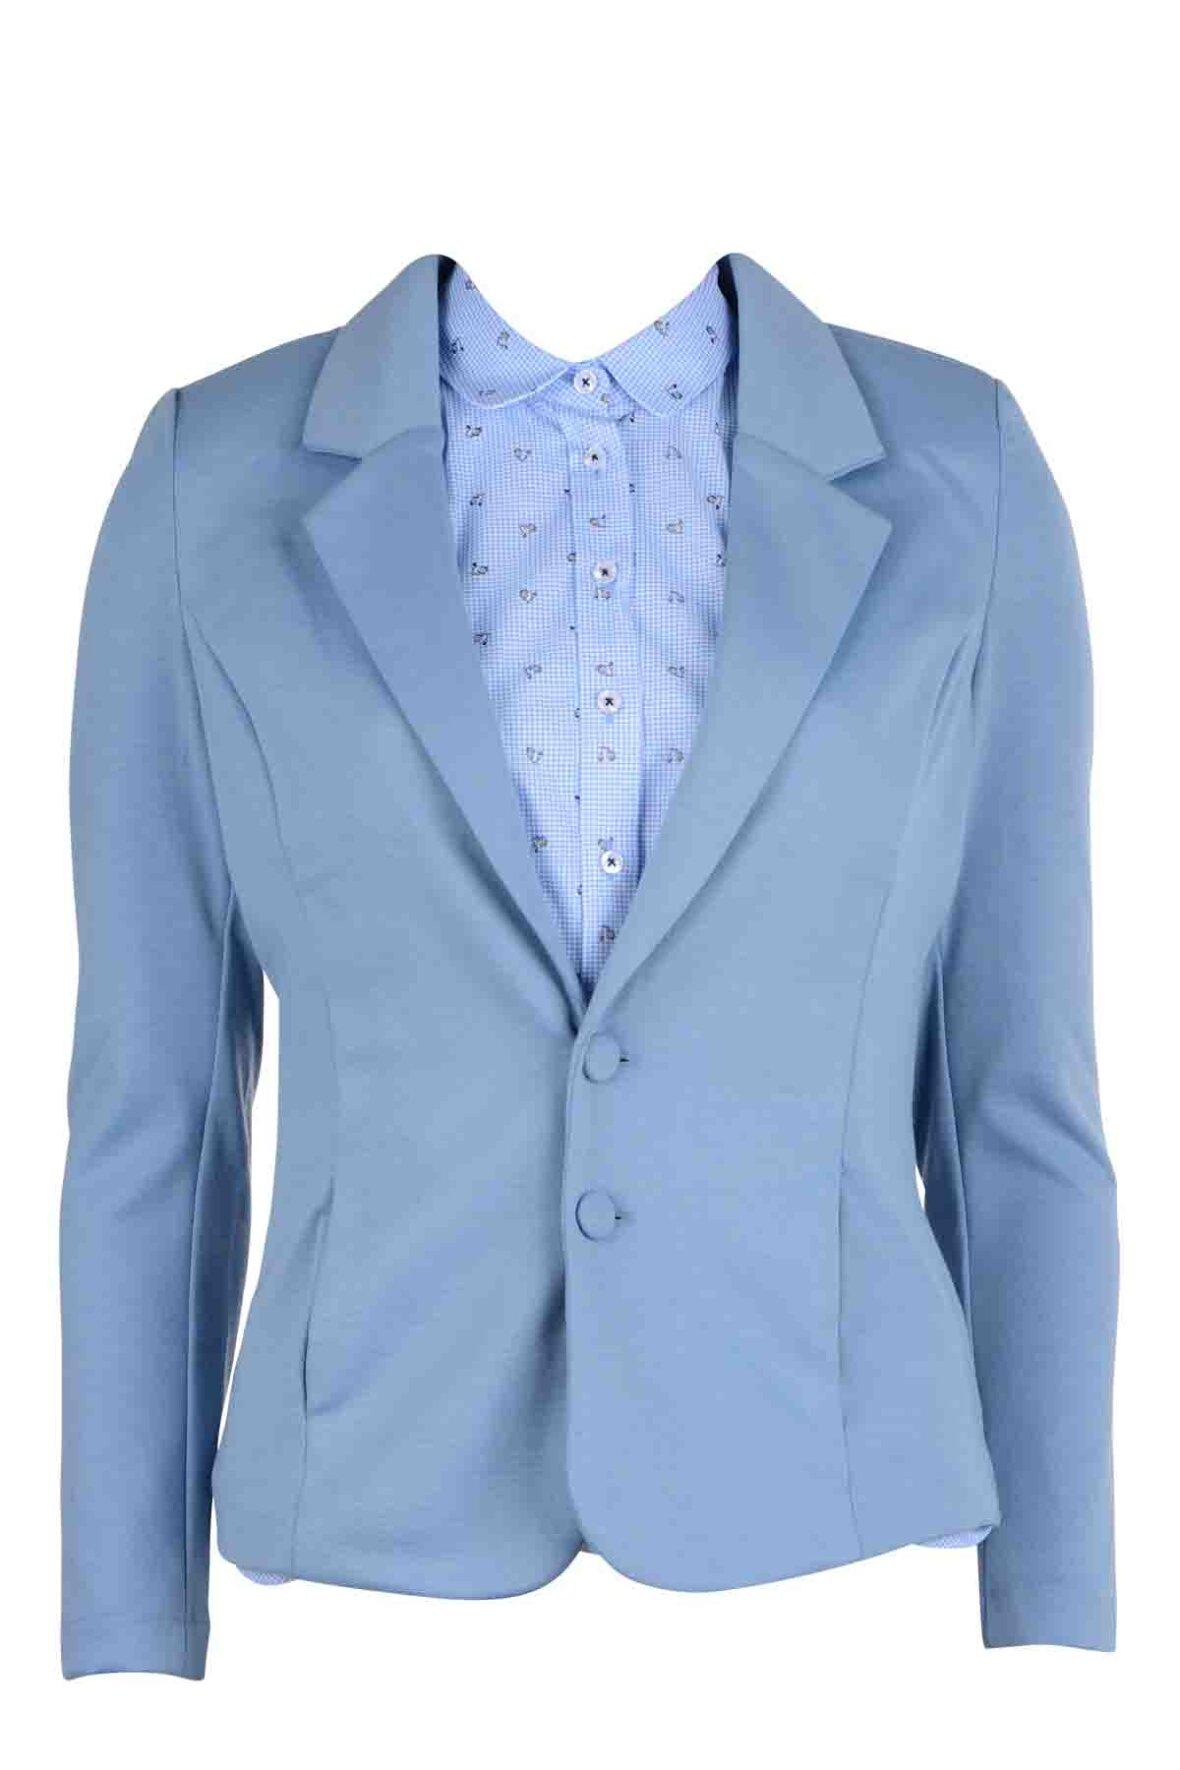 7a7c752e Soya Concept Daniela 1, blazer - Hos Lohse